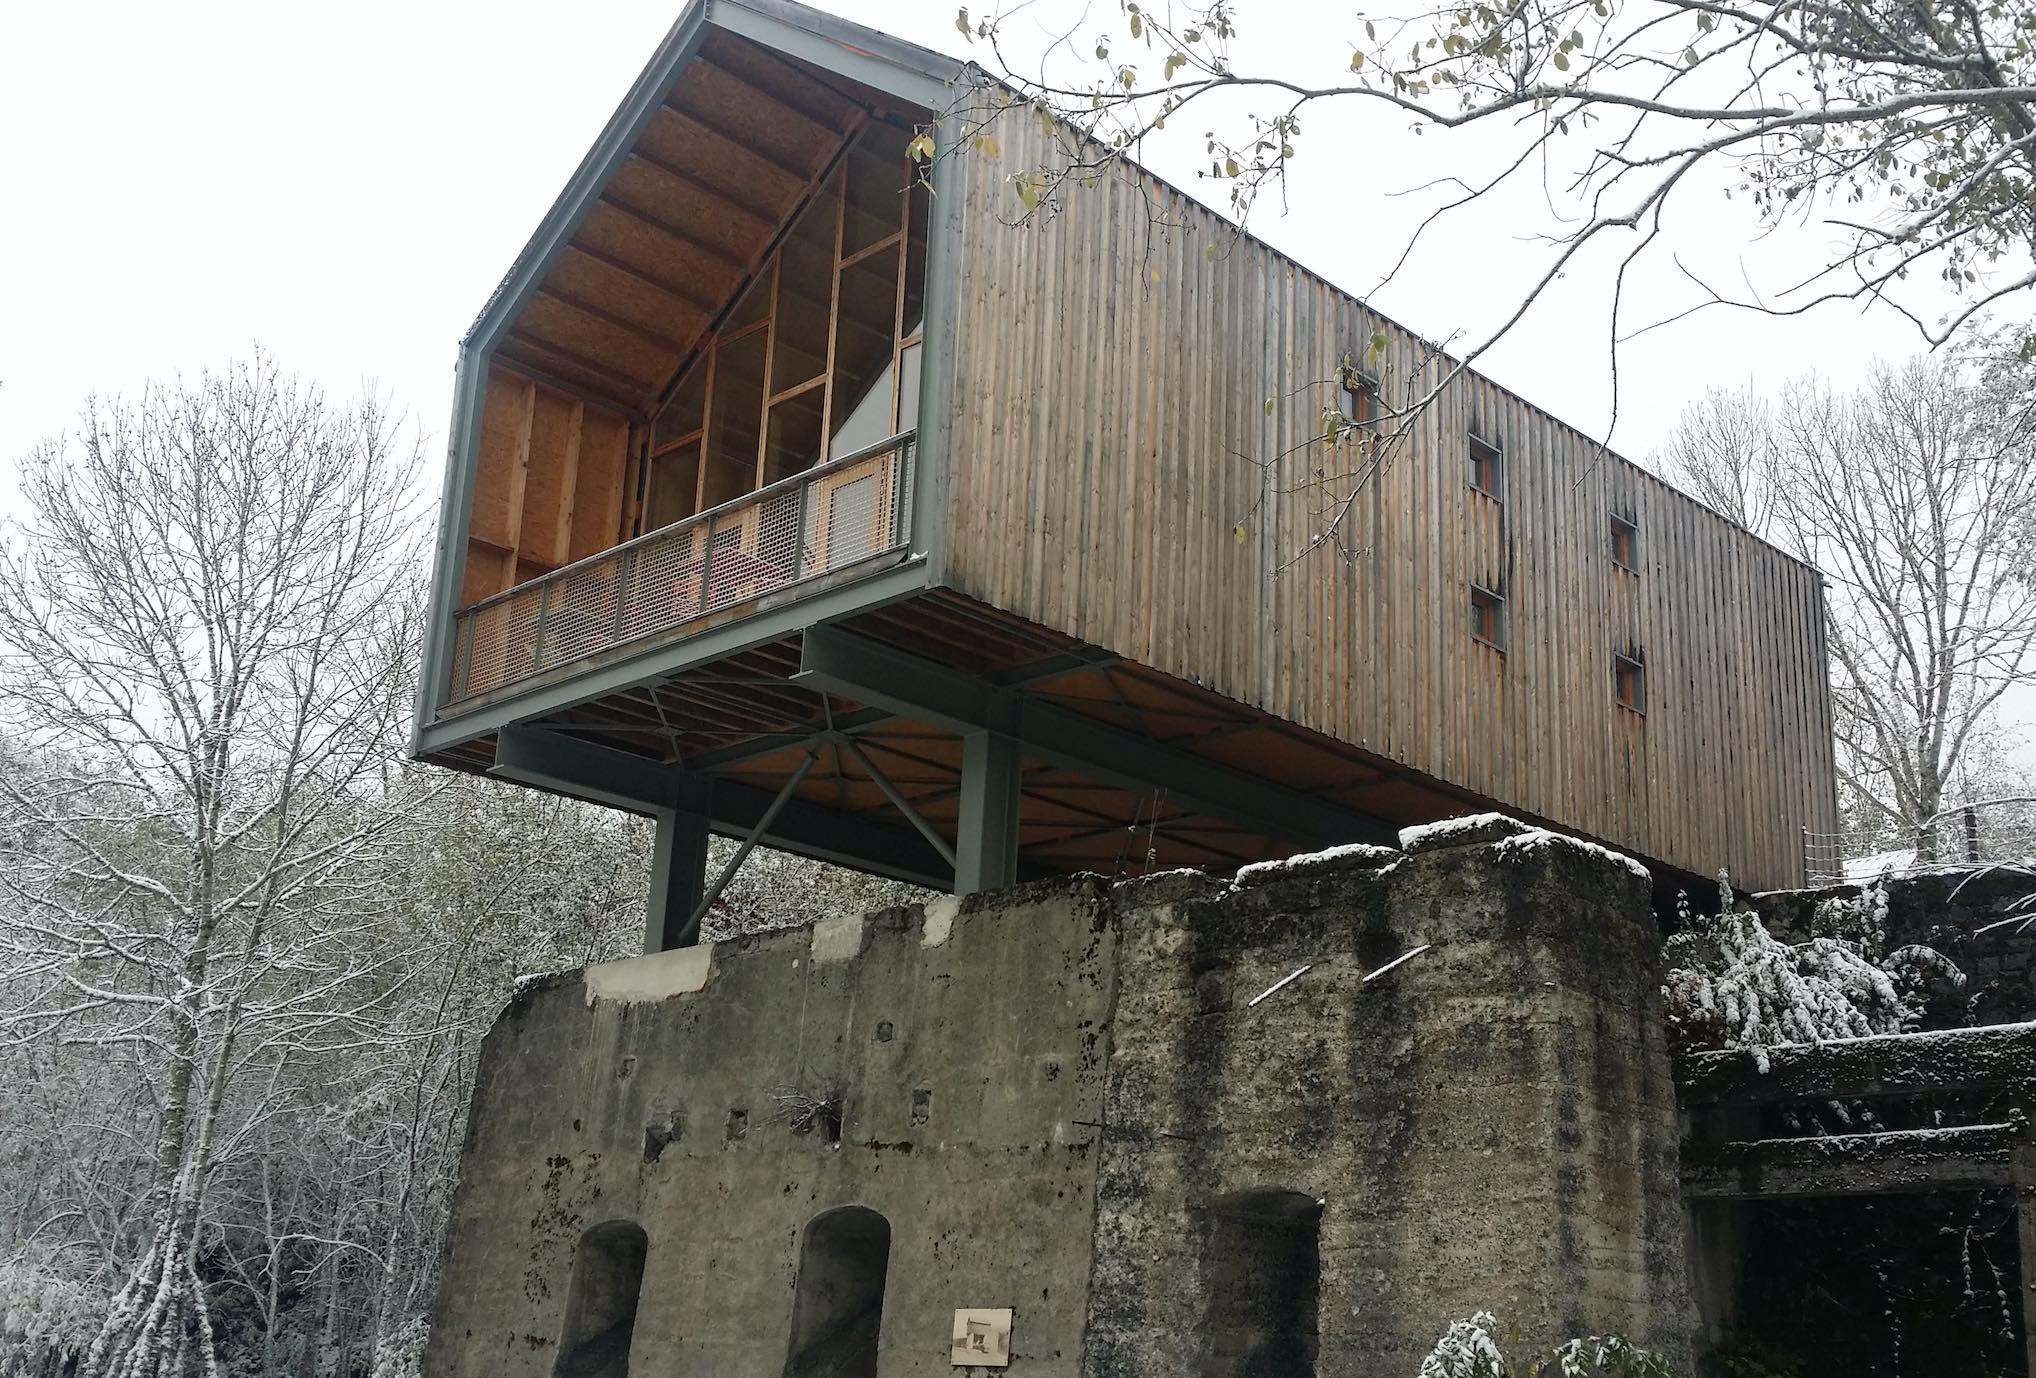 Les Cabanes de Bois basalte